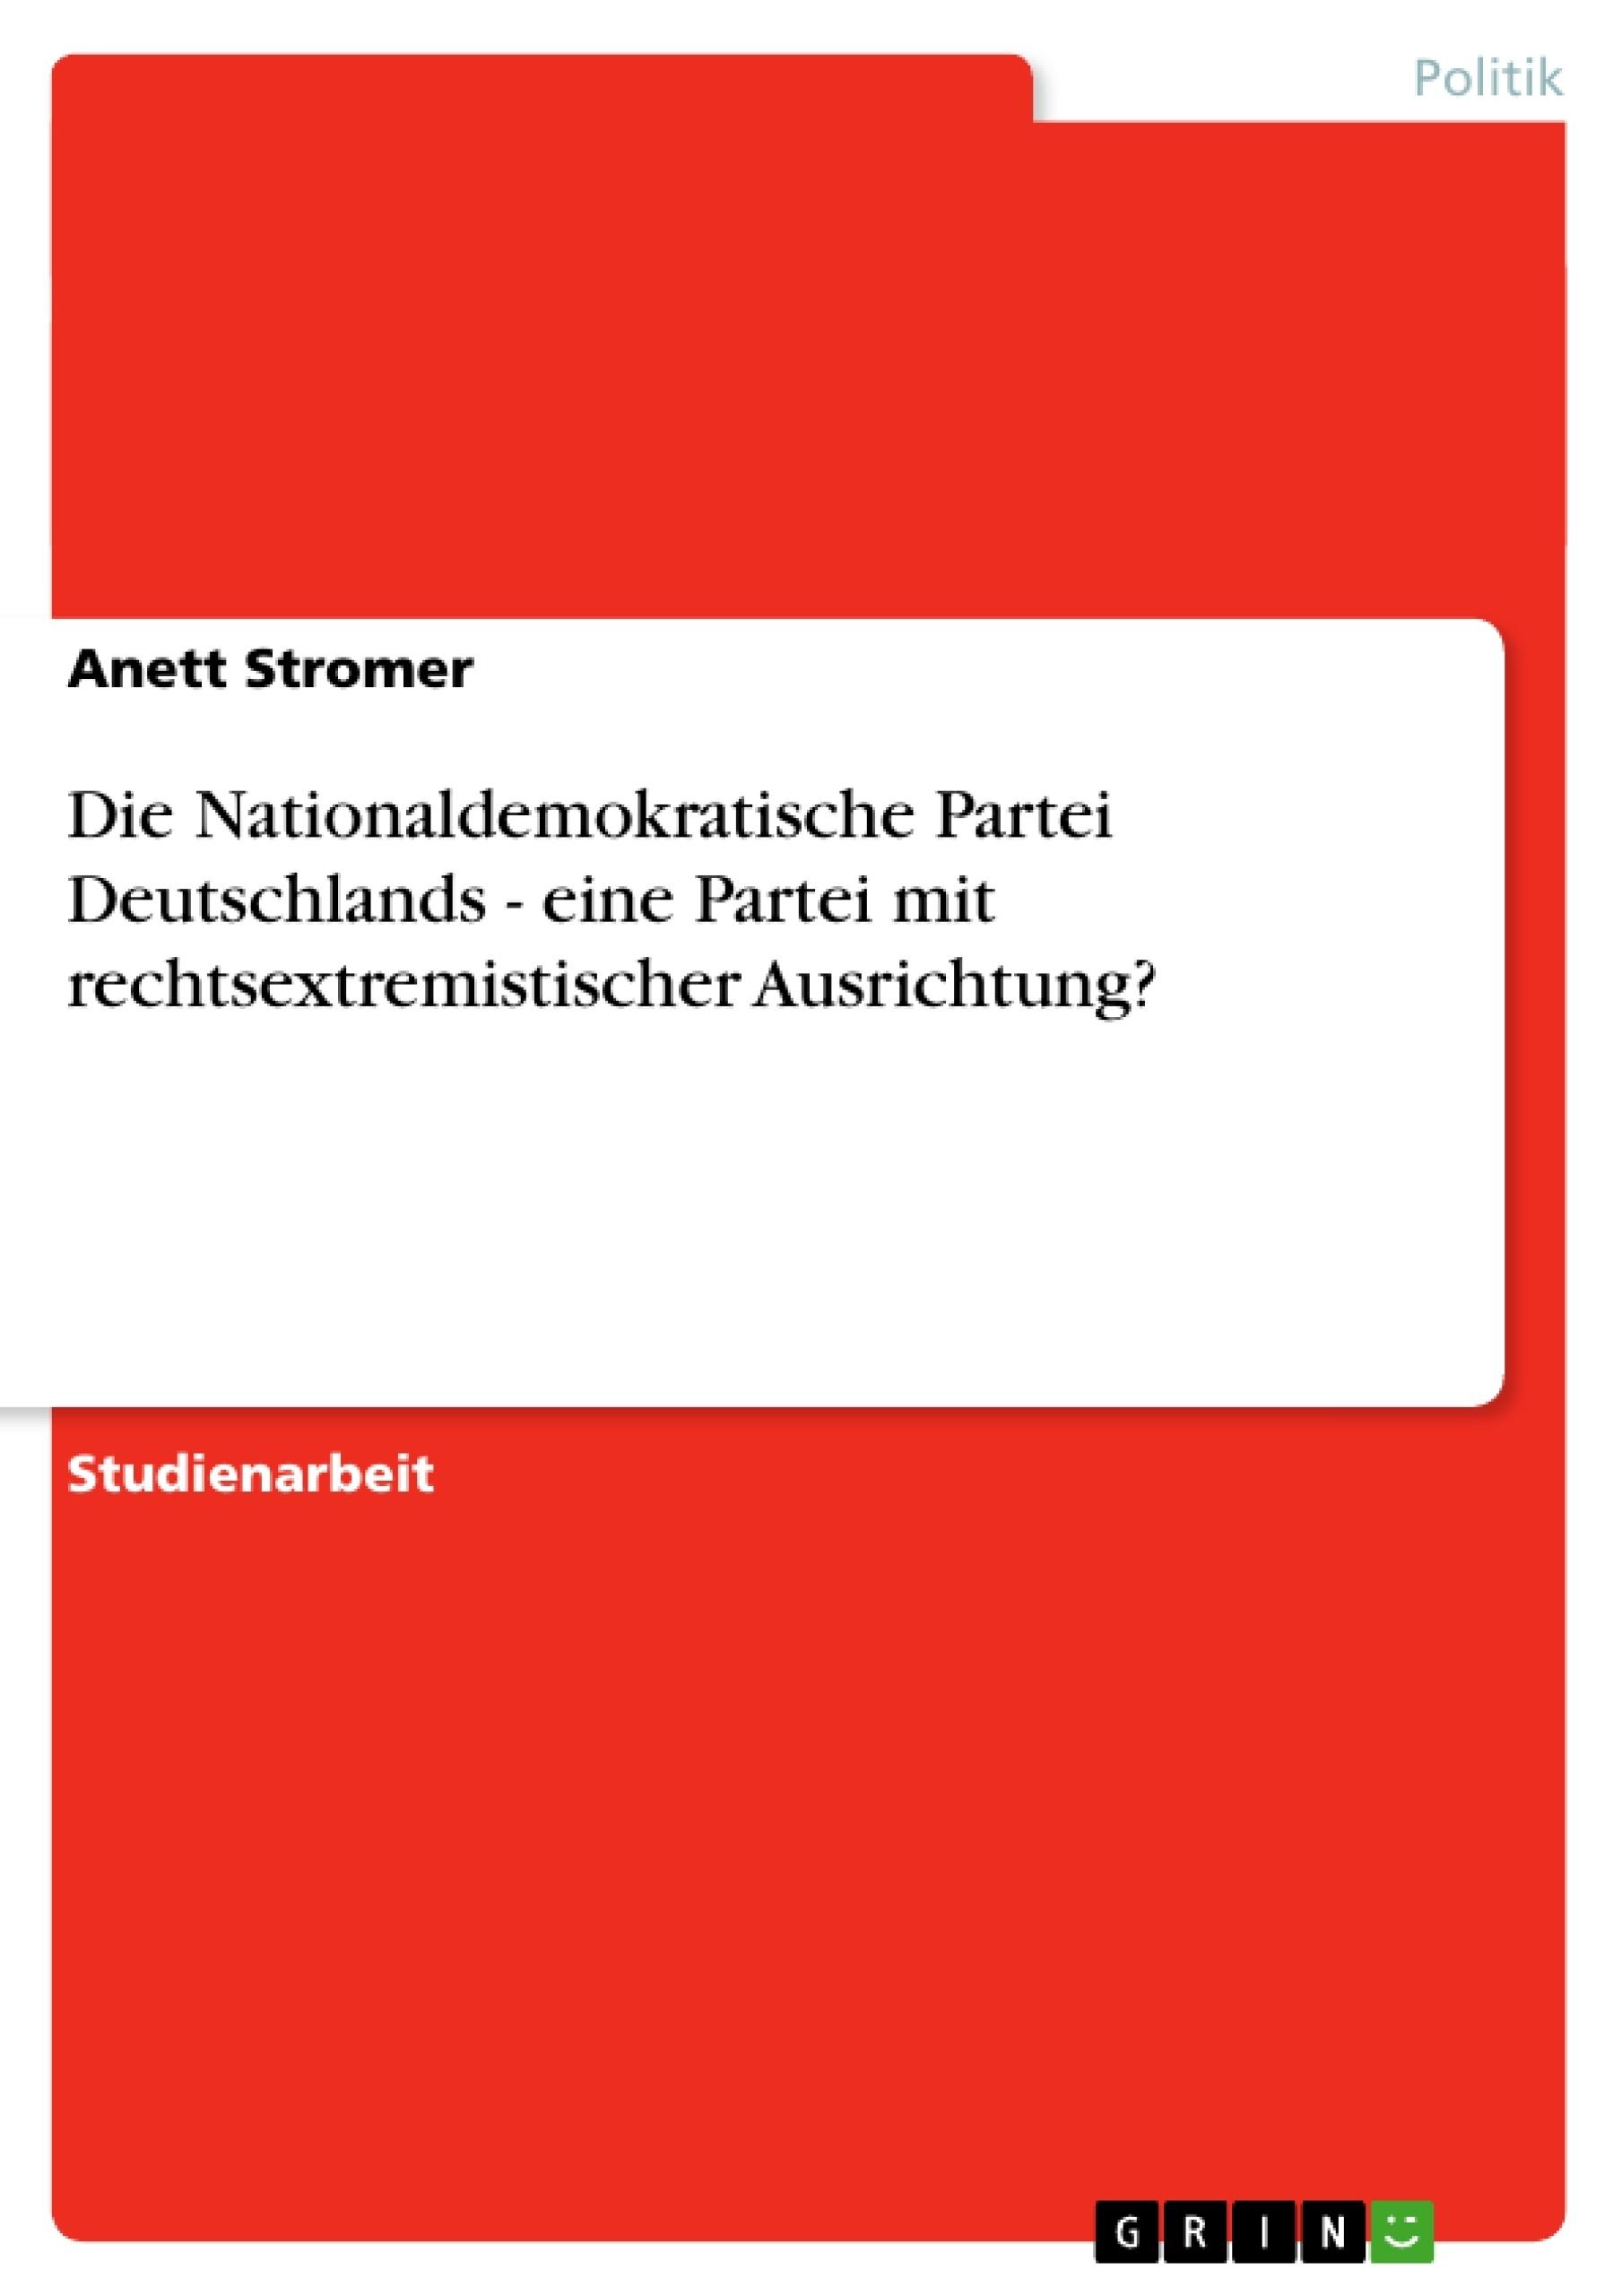 Titel: Die Nationaldemokratische Partei Deutschlands - eine Partei mit rechtsextremistischer Ausrichtung?